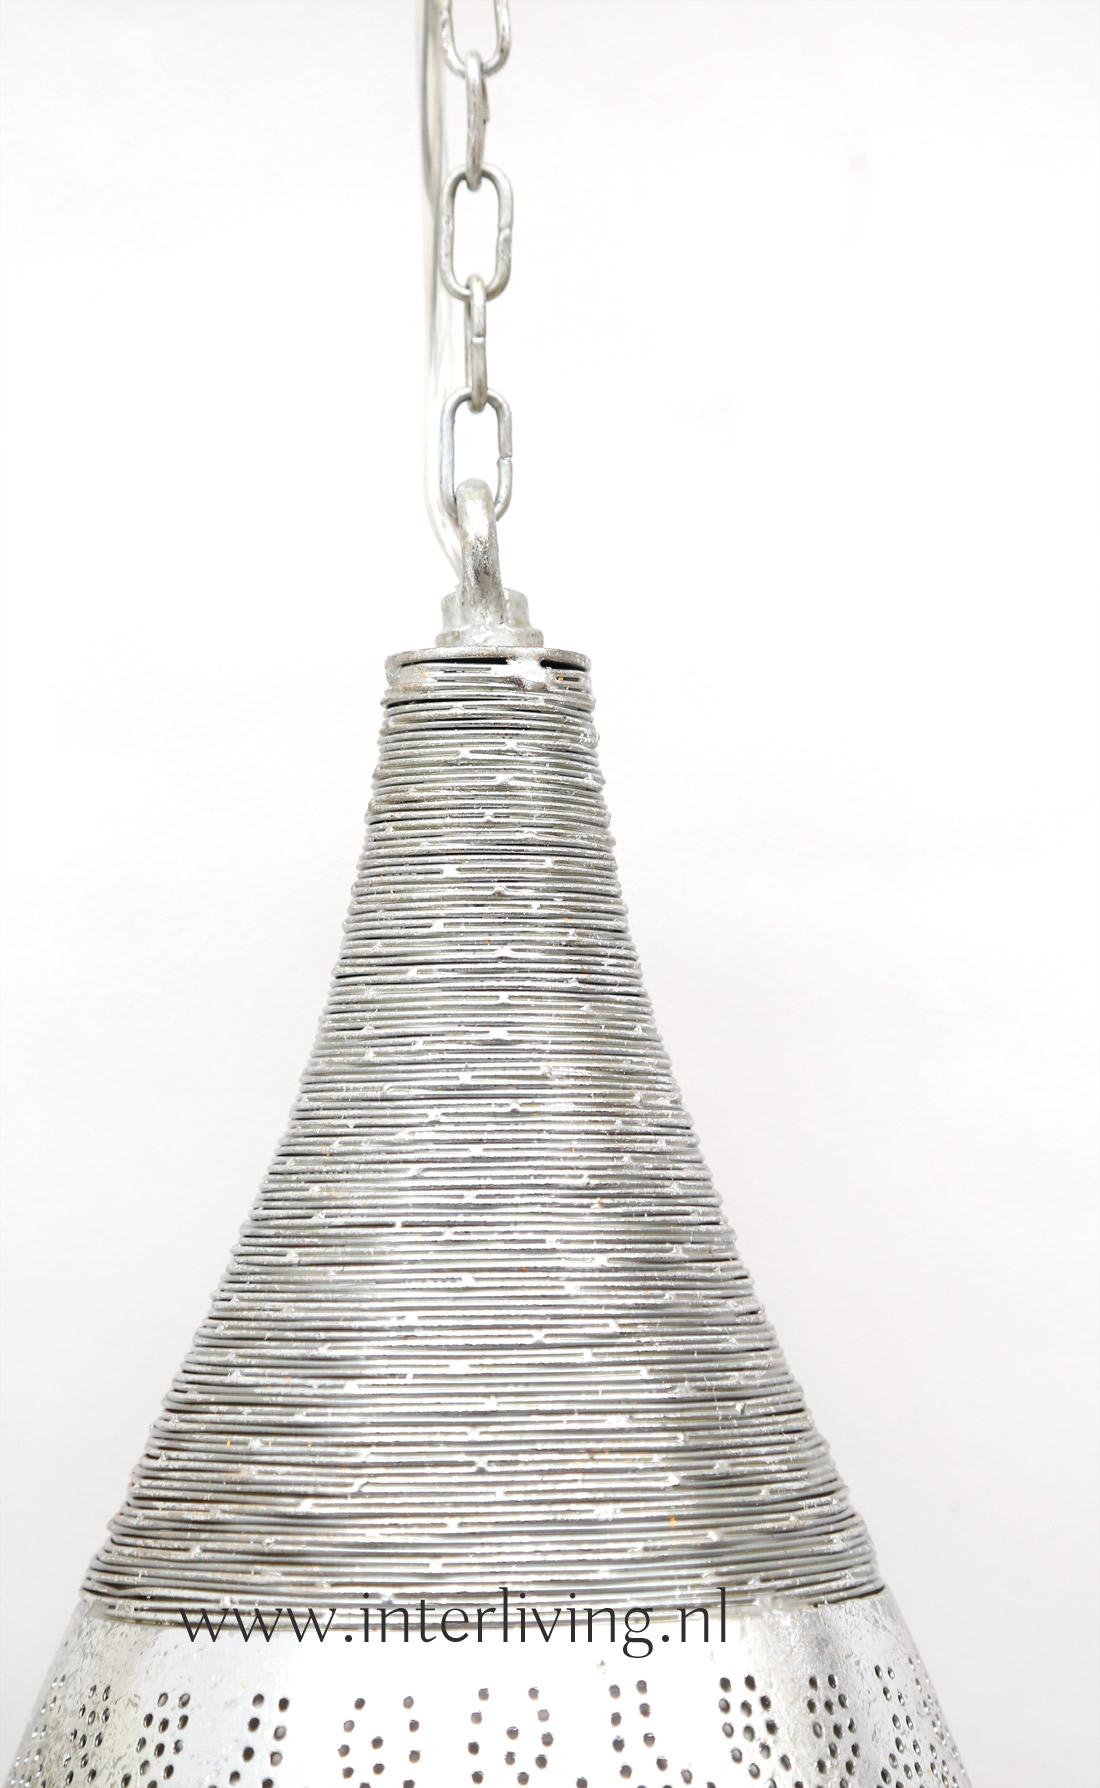 antiek zilver kleurig metalen hanglamp  - oosterse filigrain lamp met oriëntaalse gaatjespatronen